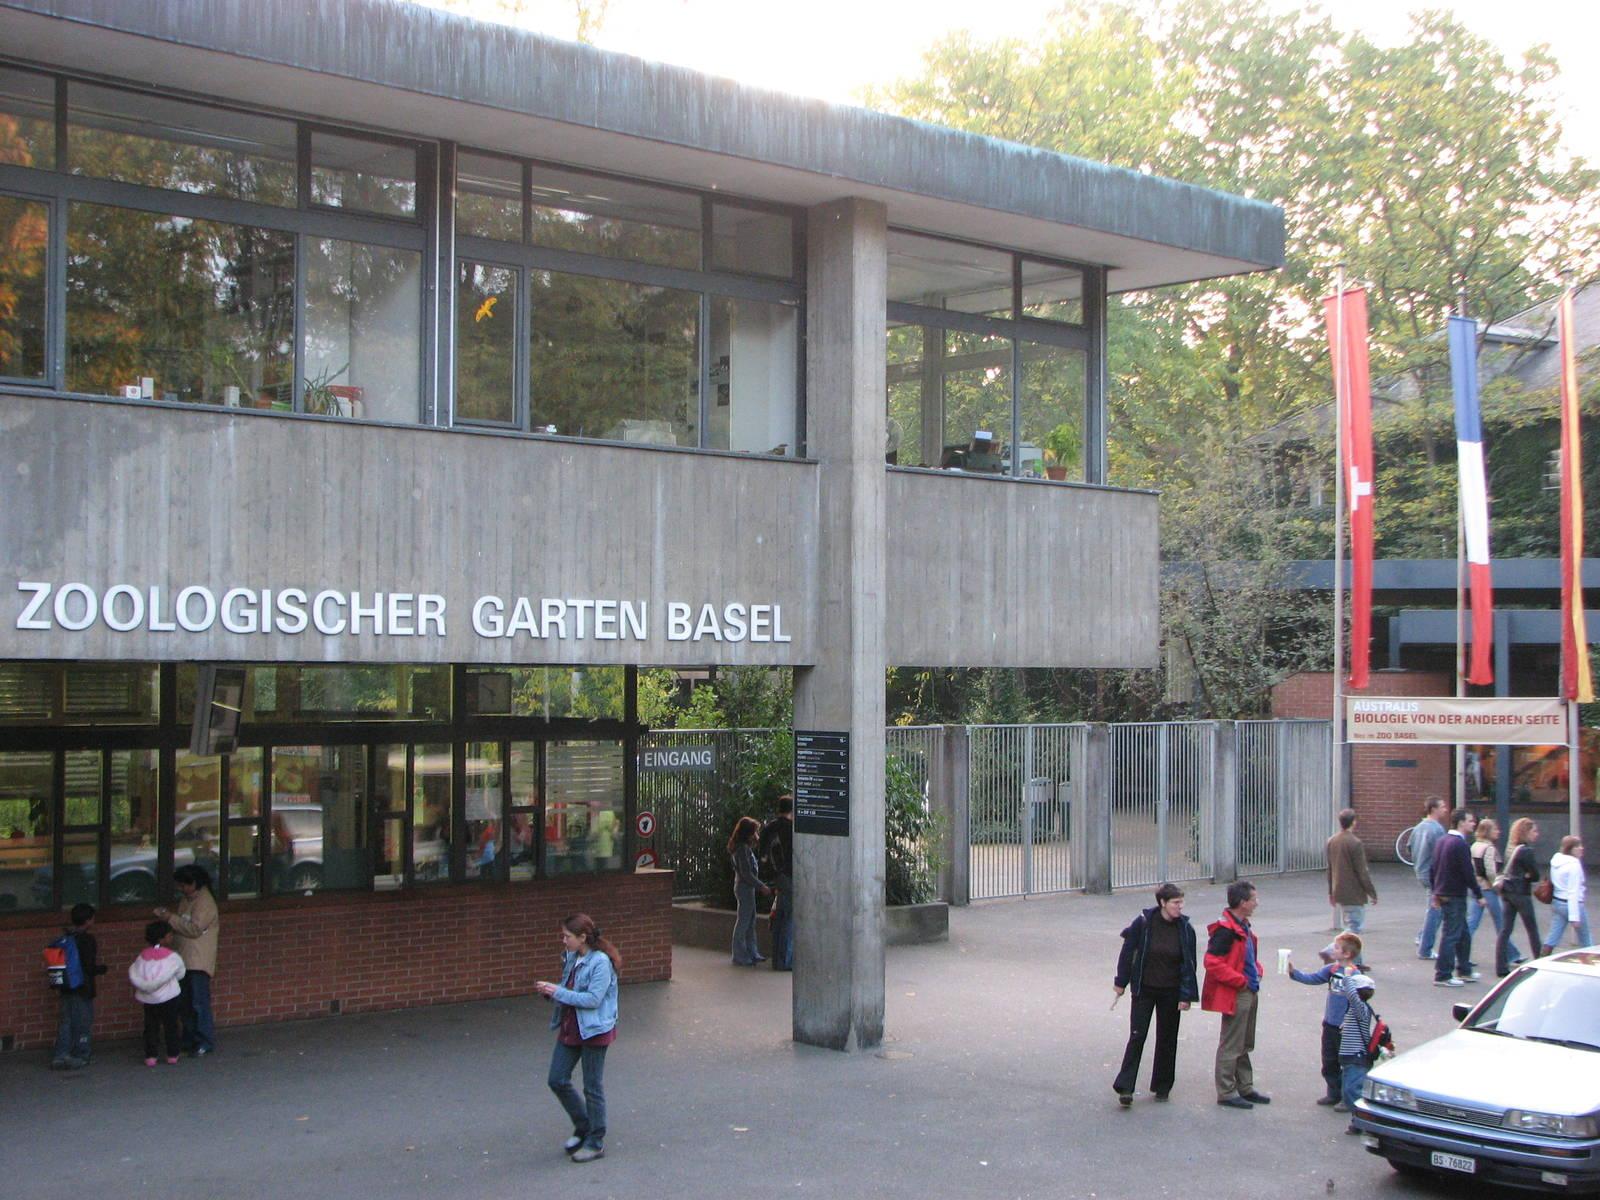 Zoológico da Basiléia - Suíça